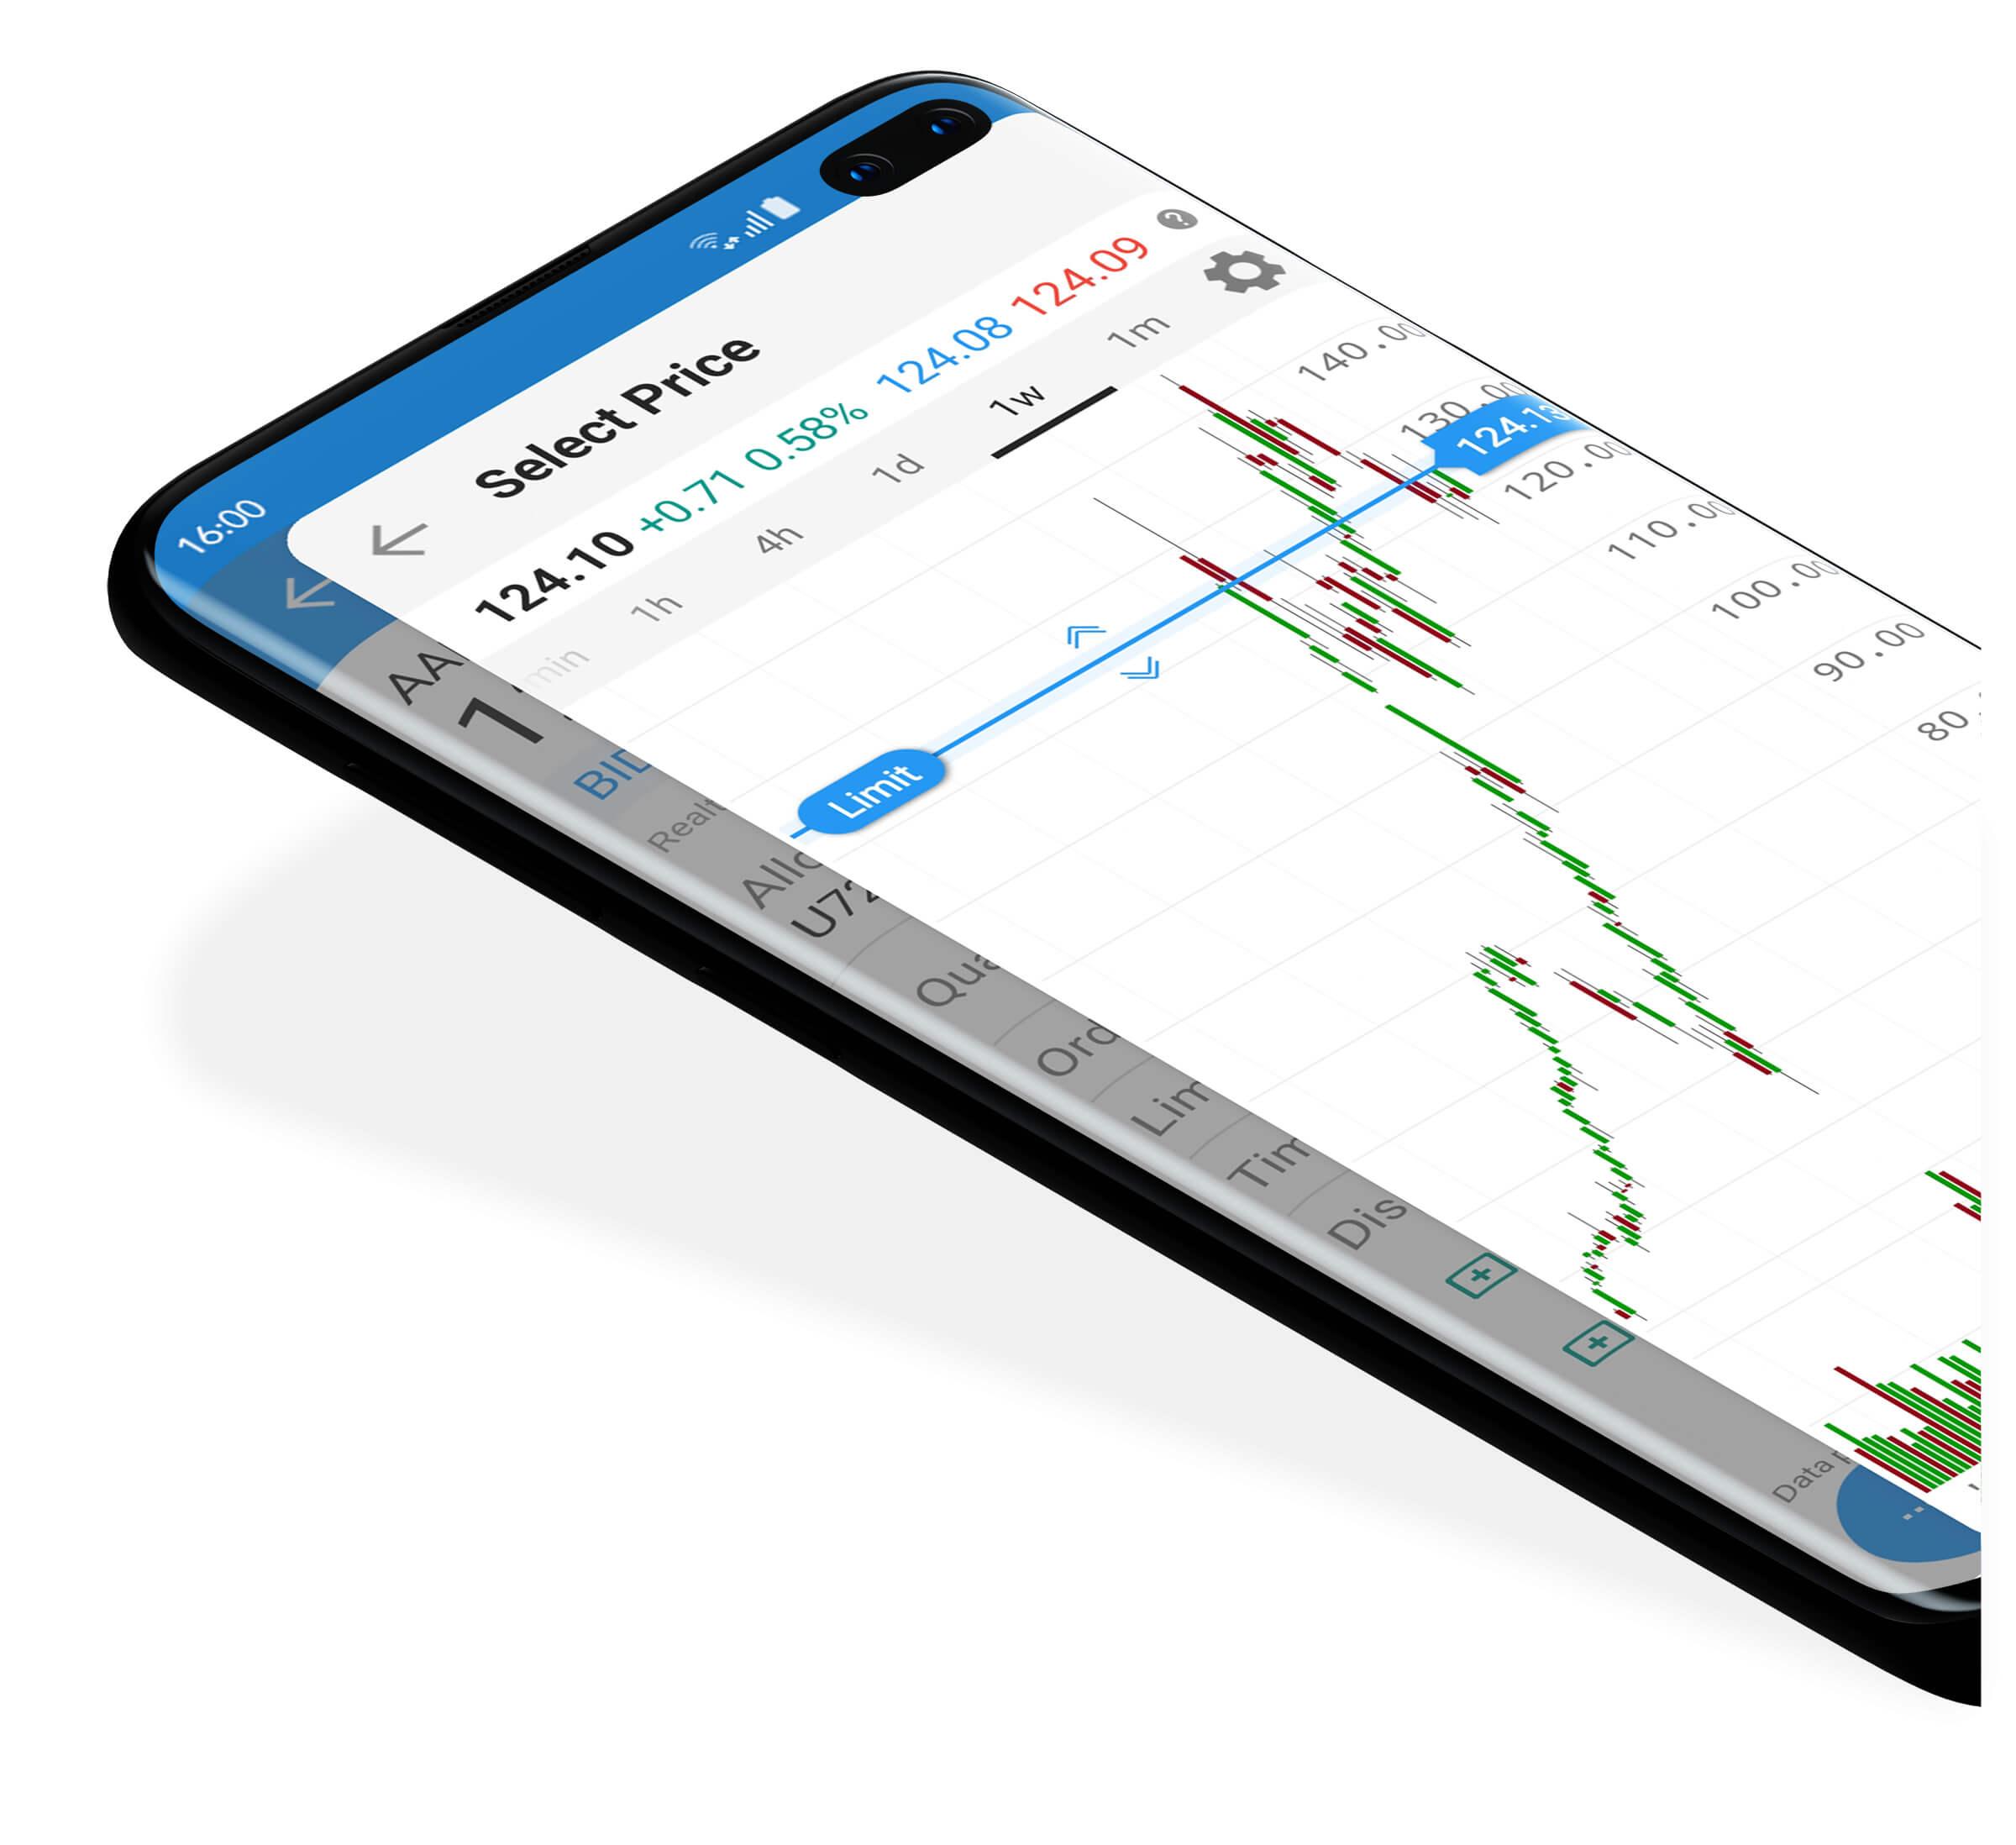 Platforma LYNX Trading s otevřeným cenovým grafem na mobilním zařízení s Android